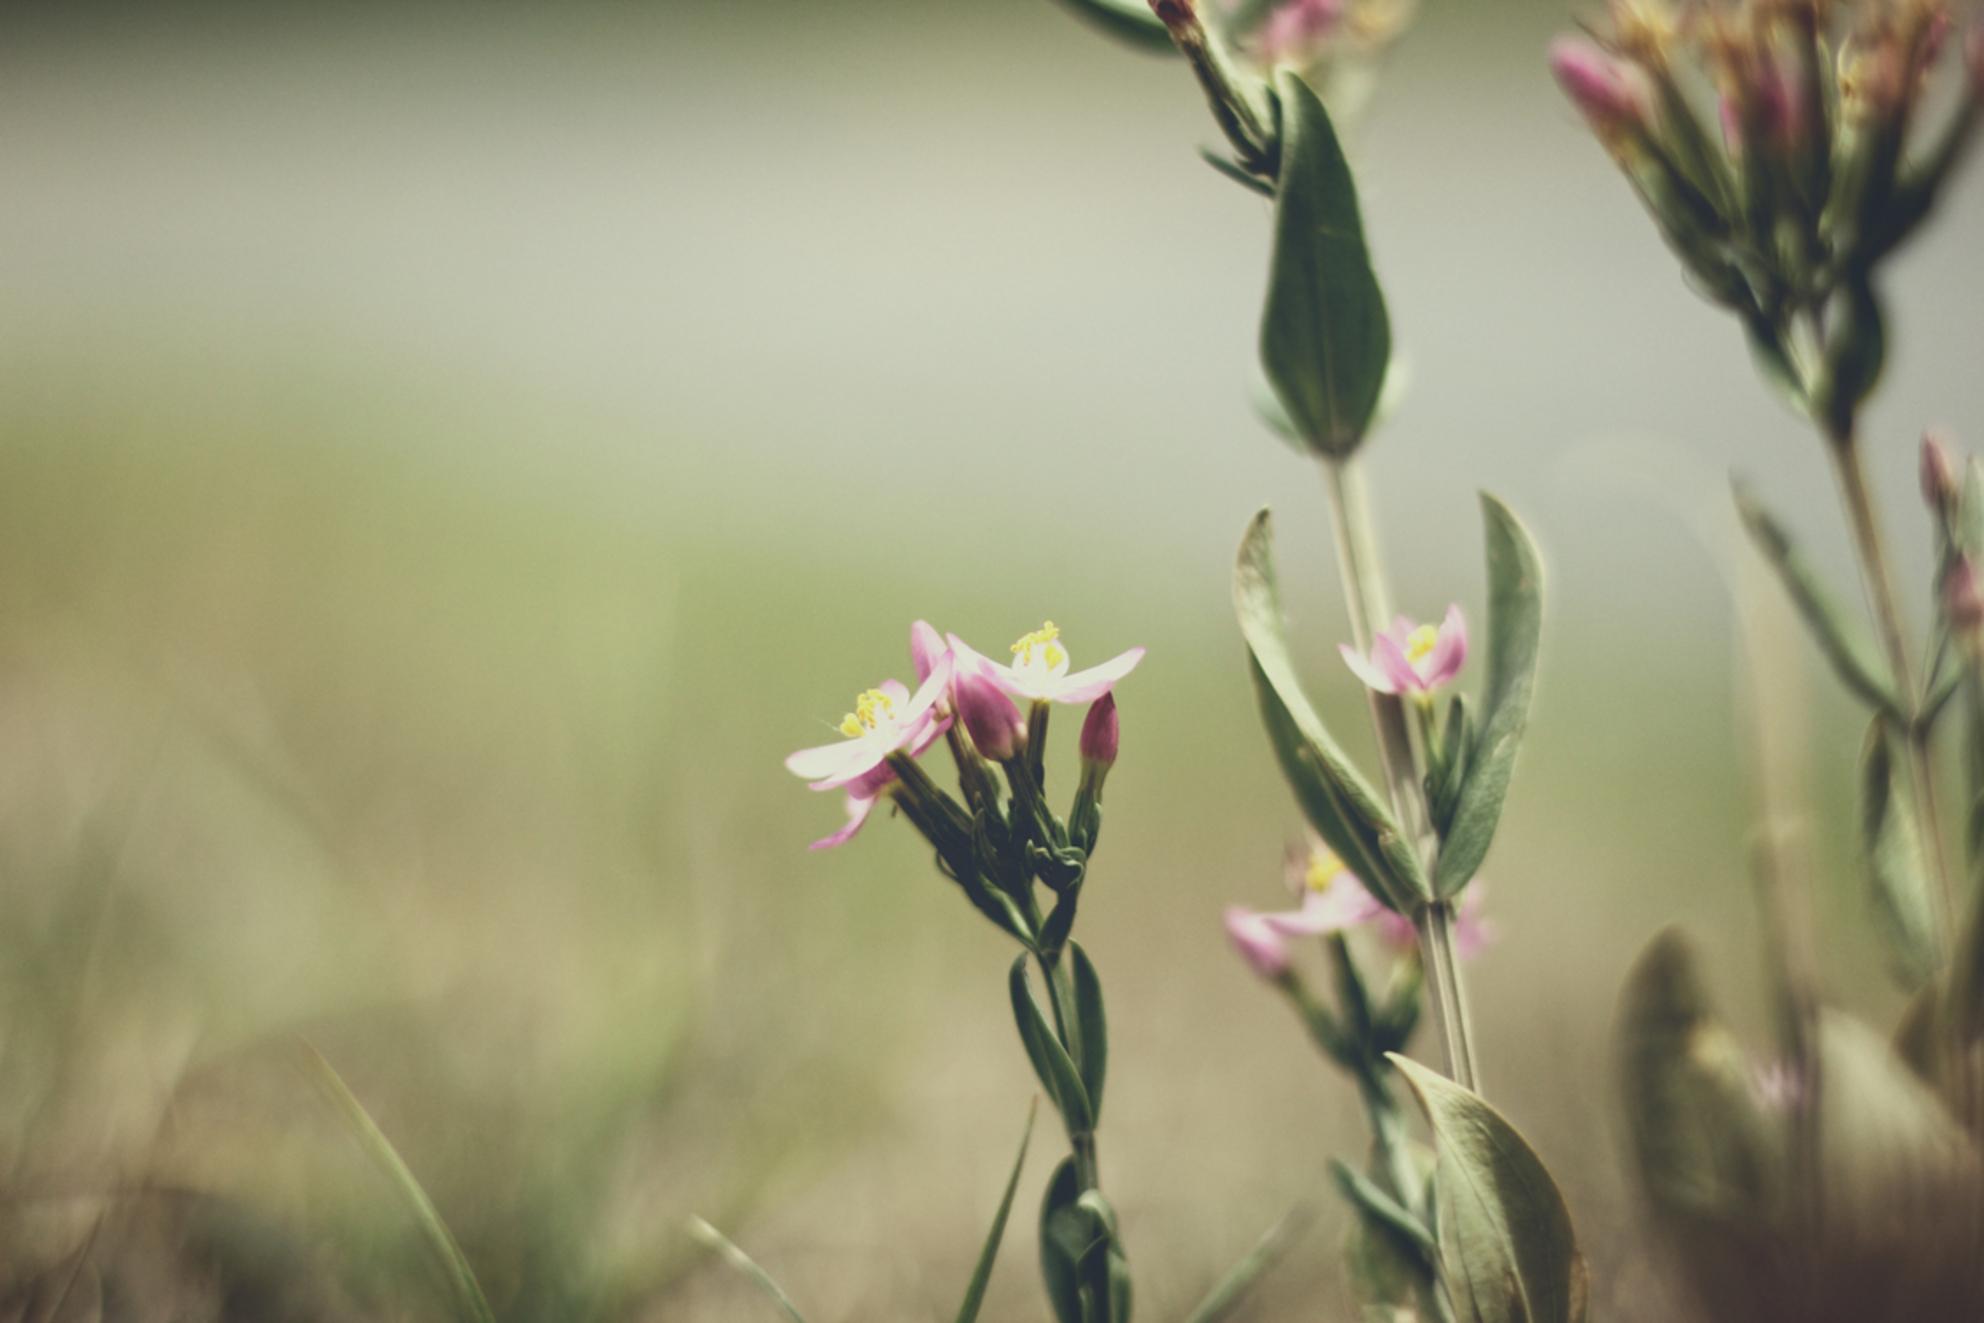 wilde bloemen - - - foto door KatrienD op 30-06-2017 - deze foto bevat: groen, bloem, natuur - Deze foto mag gebruikt worden in een Zoom.nl publicatie